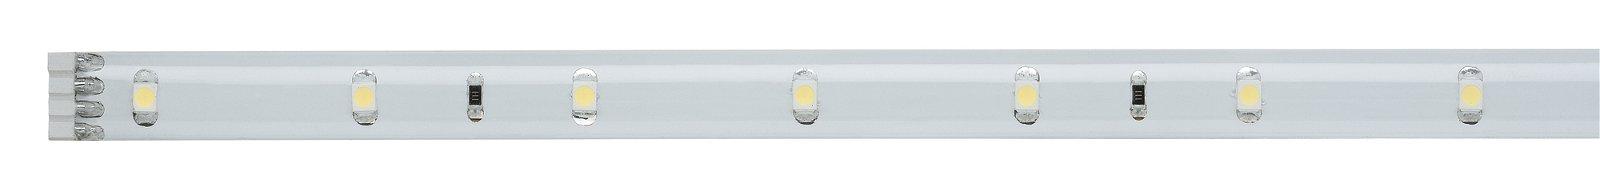 YourLED LED Strip Warmweiß 1m beschichtet 3W 273lm/m 3000K